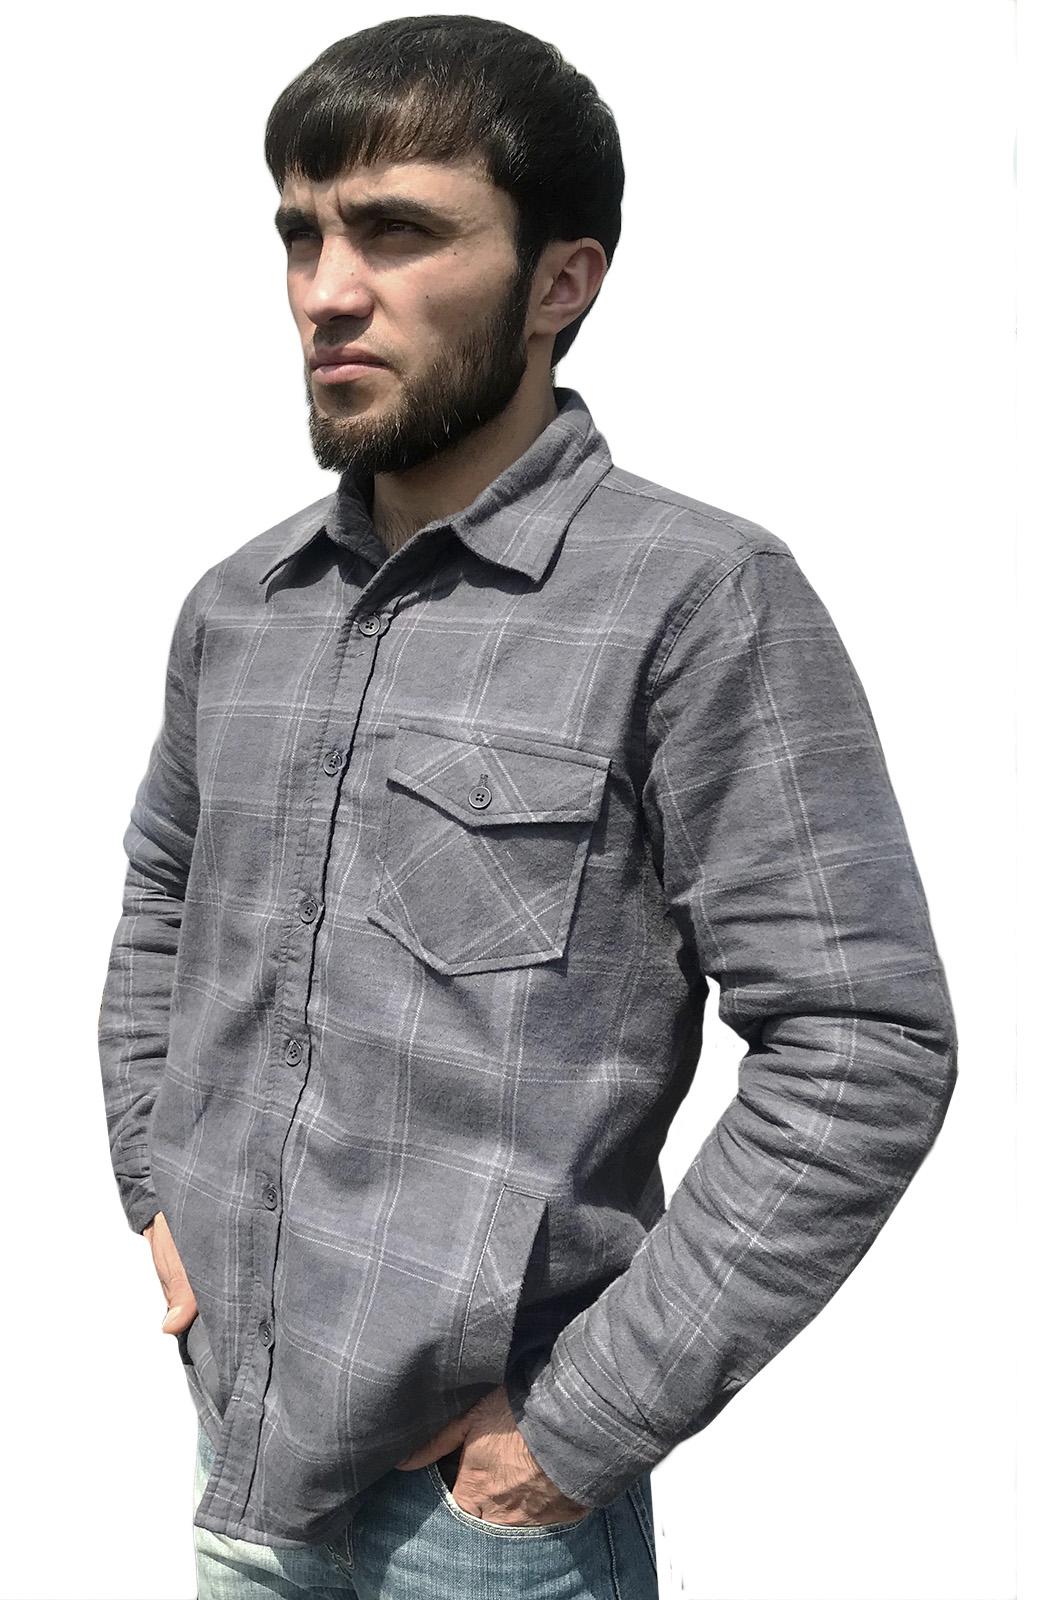 Утепленная рубашка с вышитым шевроном Казачества Терского - заказать в подарок